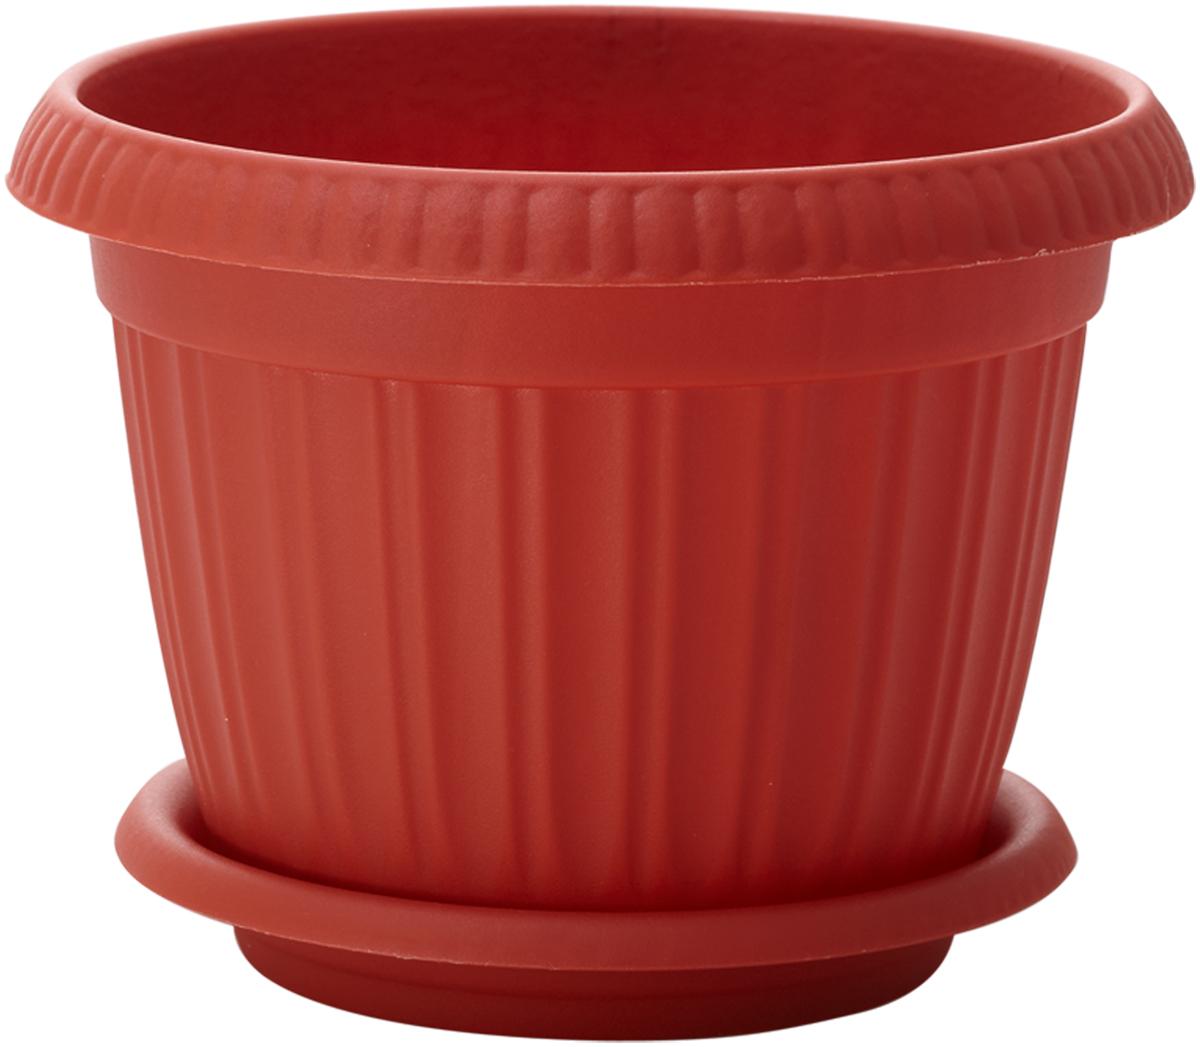 Горшок для цветов InGreen Таити, с подставкой, цвет: терракотовый, диаметр 33 смING41033FТРГоршок InGreen Таити, выполненный из высококачественного полипропилена (пластика), предназначен для выращивания комнатных цветов, растений и трав. Специальная конструкция обеспечивает вентиляцию в корневой системе растения, а дренажные отверстия позволяют выходить лишней влаге из почвы. Такой горшок порадует вас современным дизайном и функциональностью, а также оригинально украсит интерьер любого помещения. Диаметр горшка (по верхнему краю): 33 см. Высота горшка: 25 см.